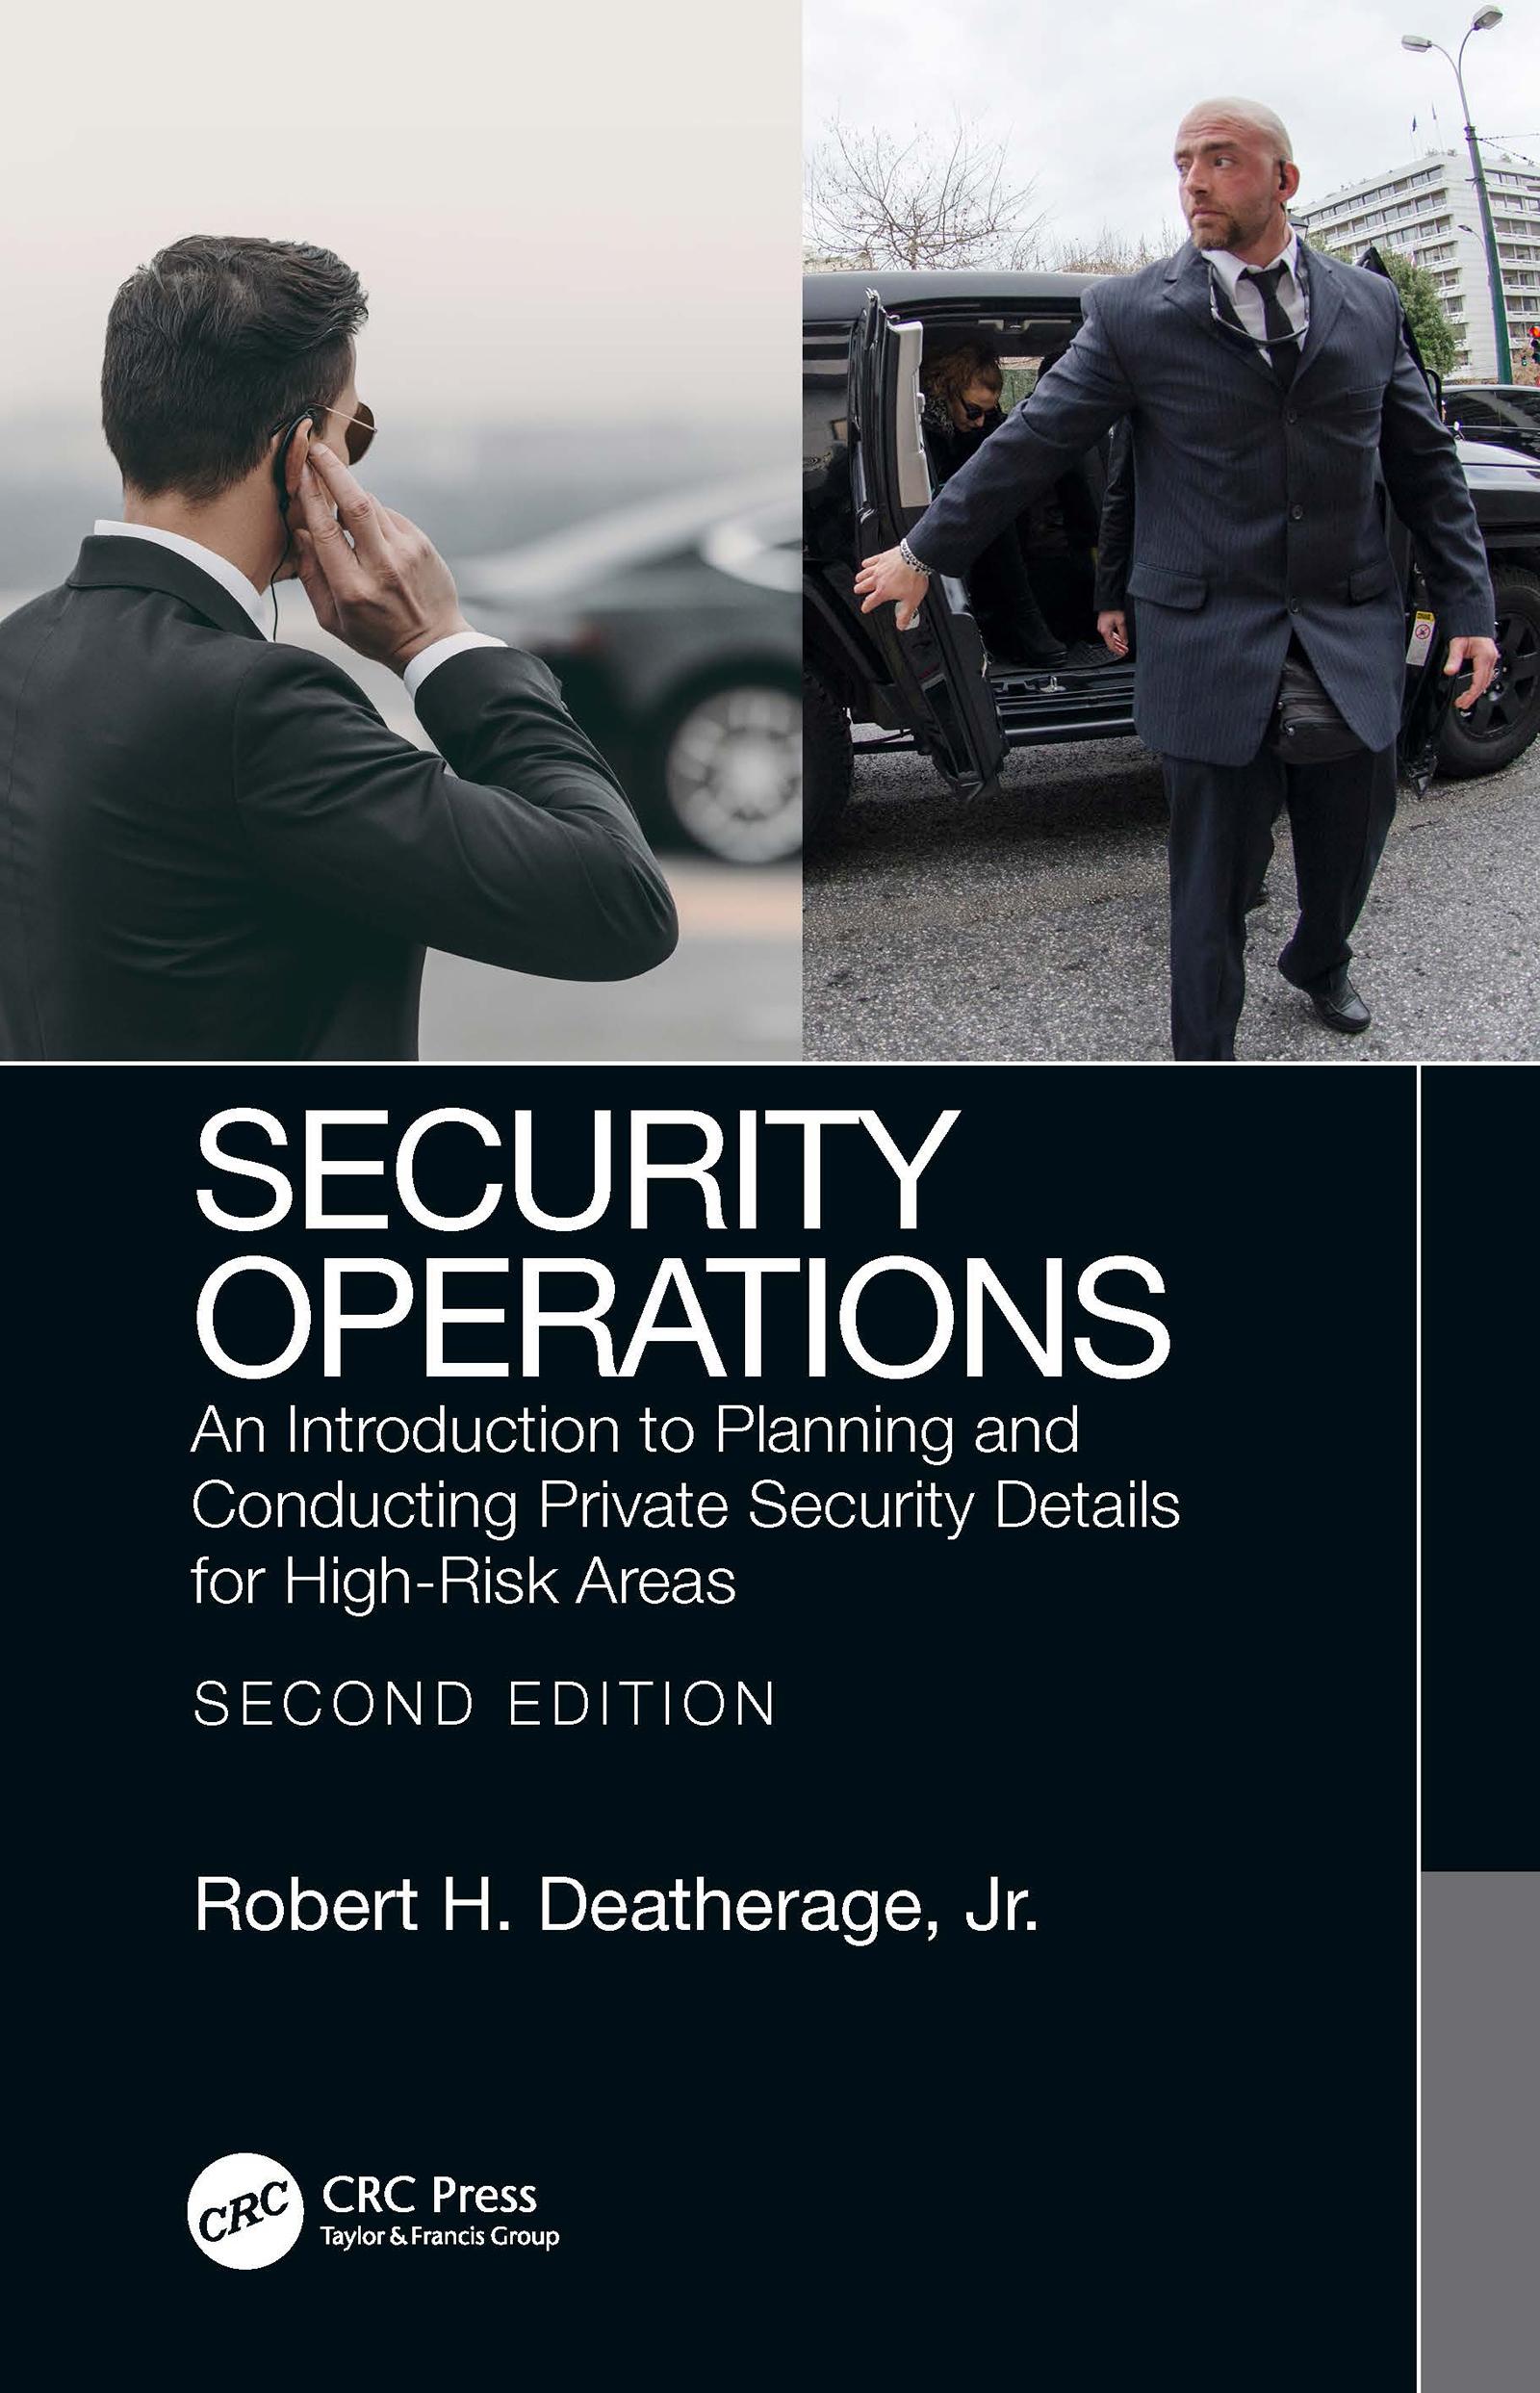 Surveillance Detection Program